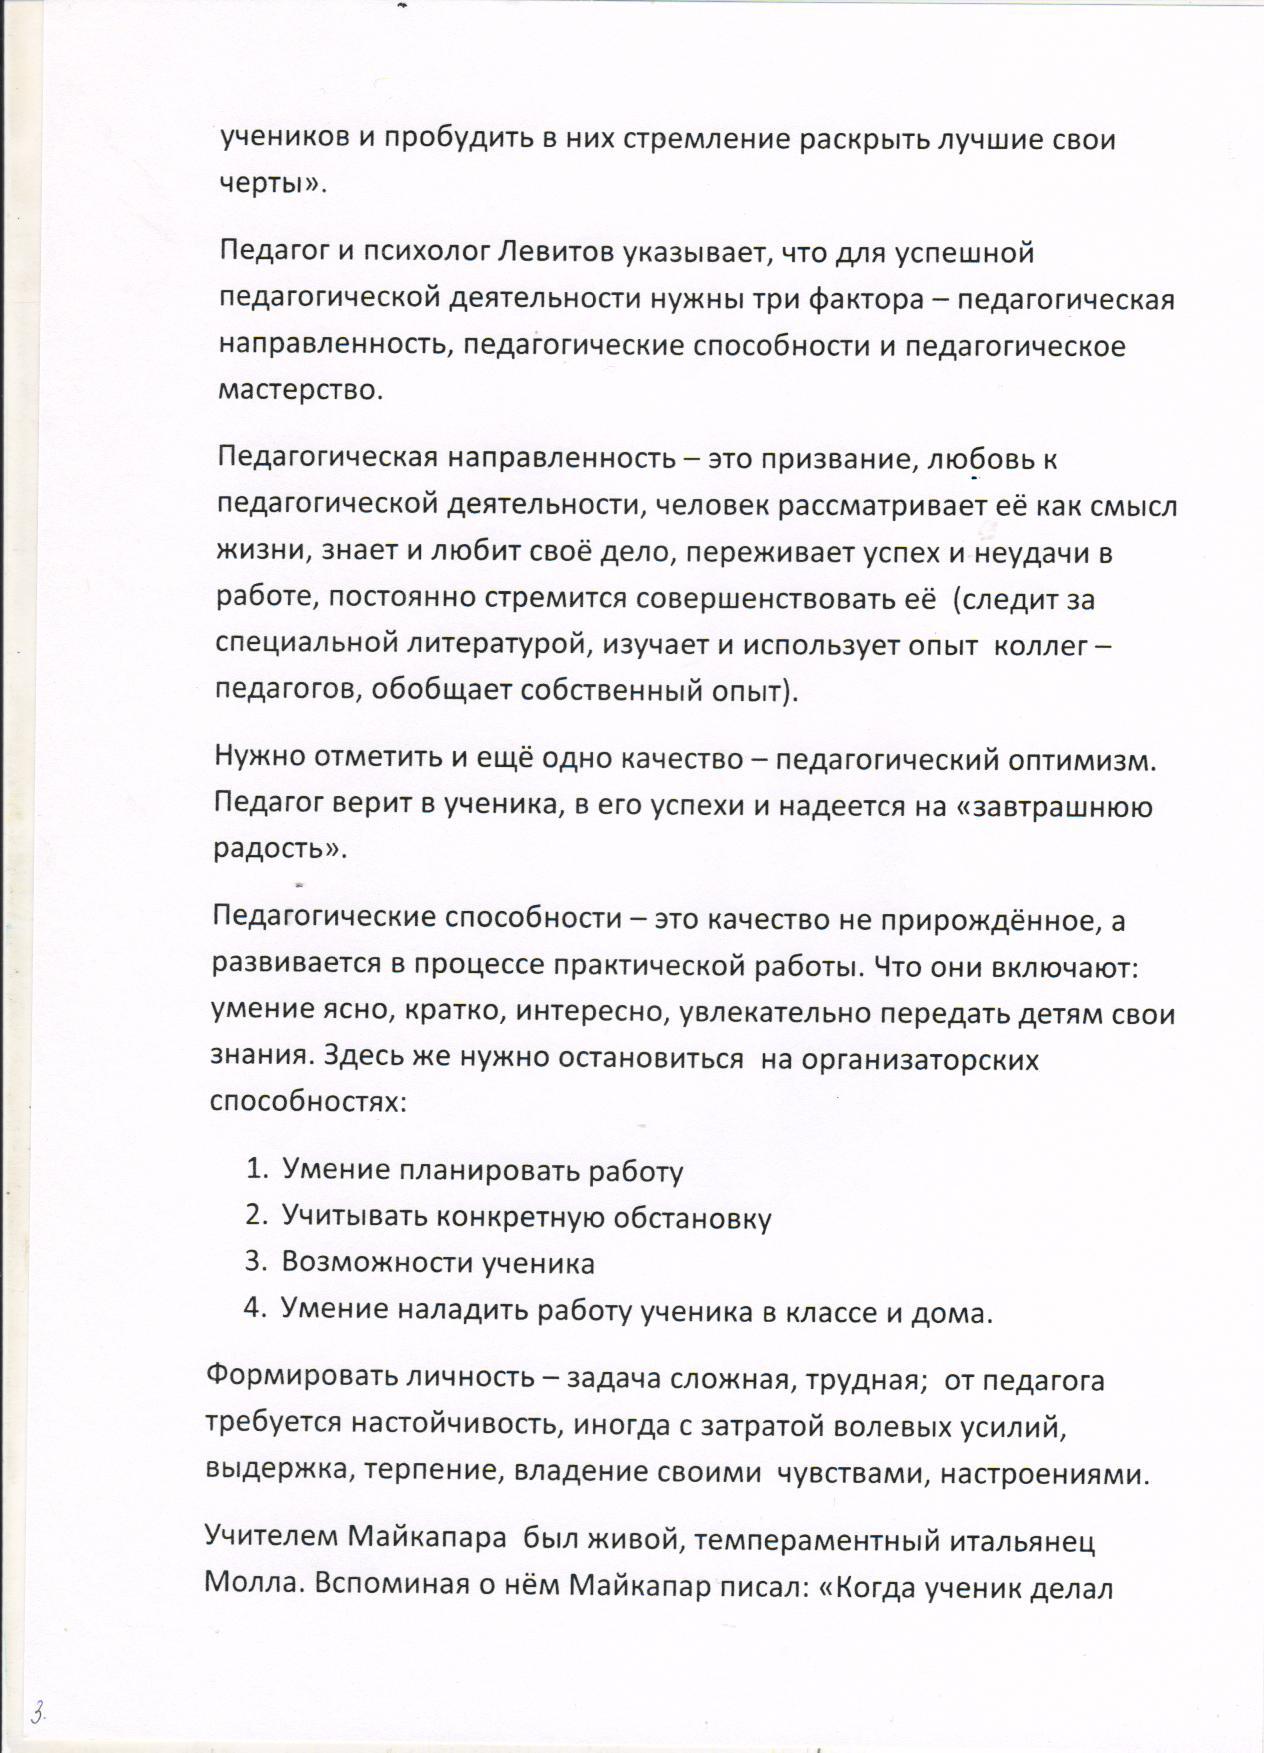 C:\Documents and Settings\Учитель\Рабочий стол\роль преподавателя 4.jpg